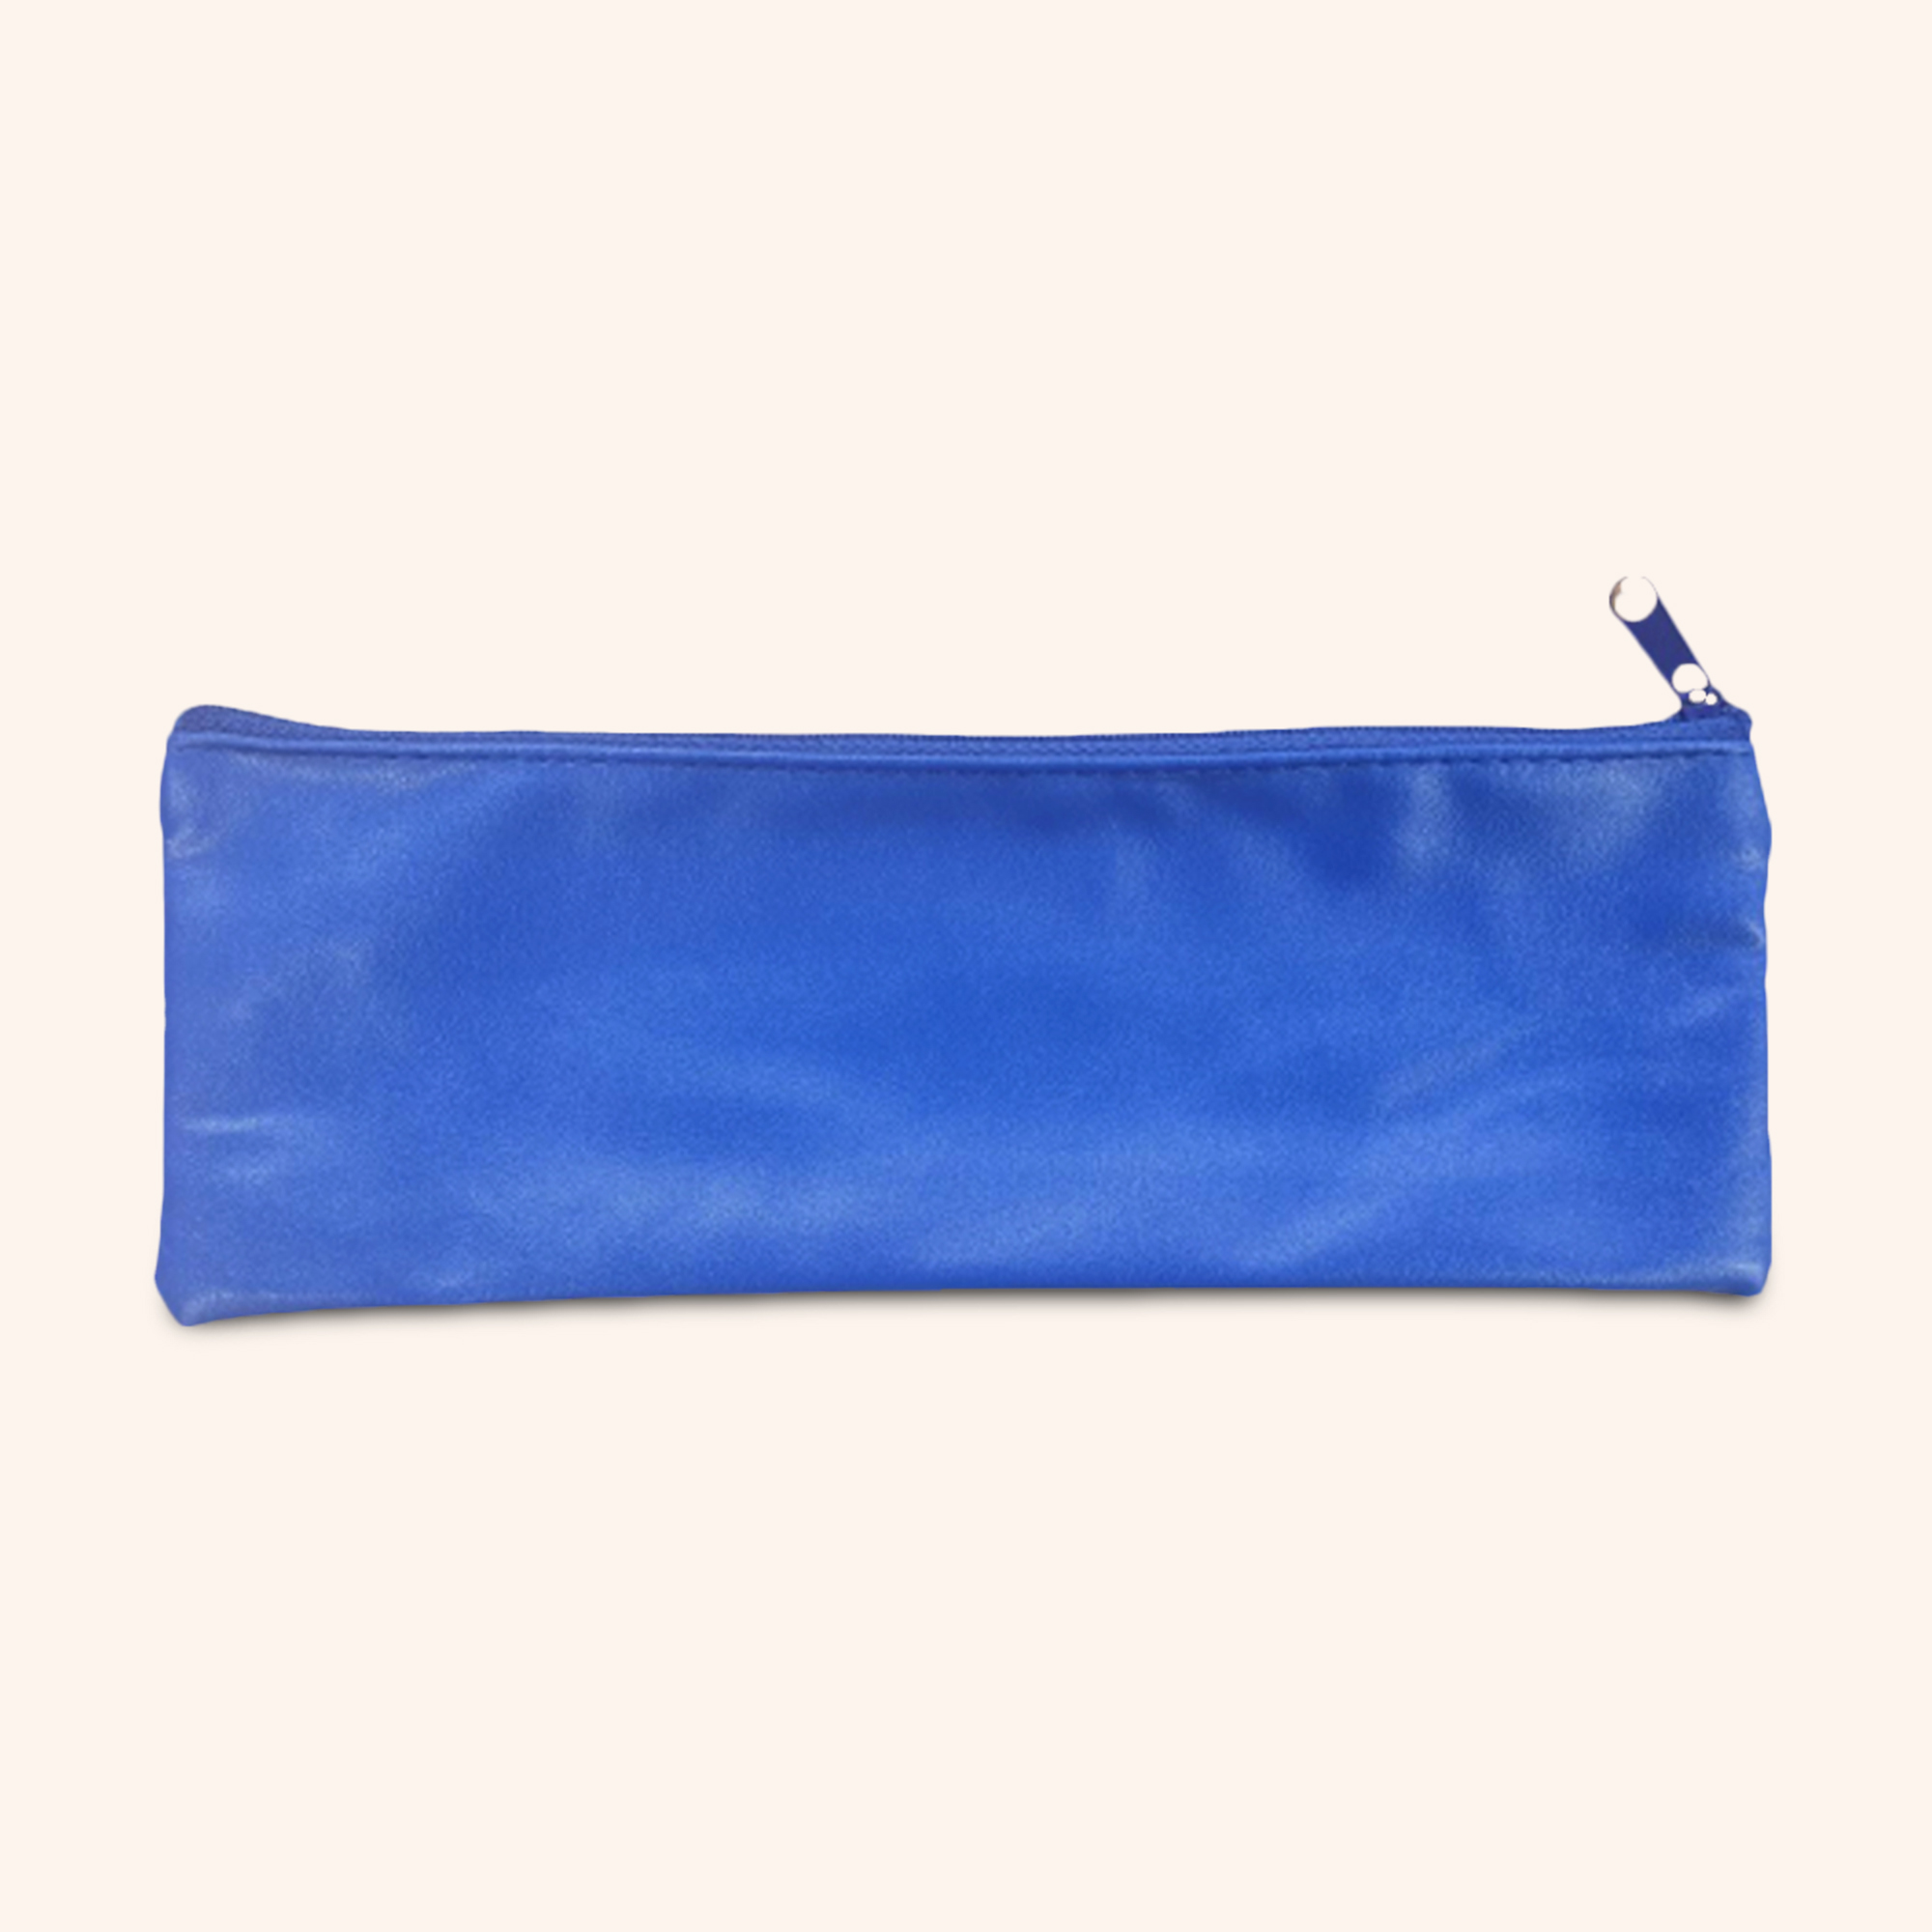 Grande Blue Faux Leather Pouch